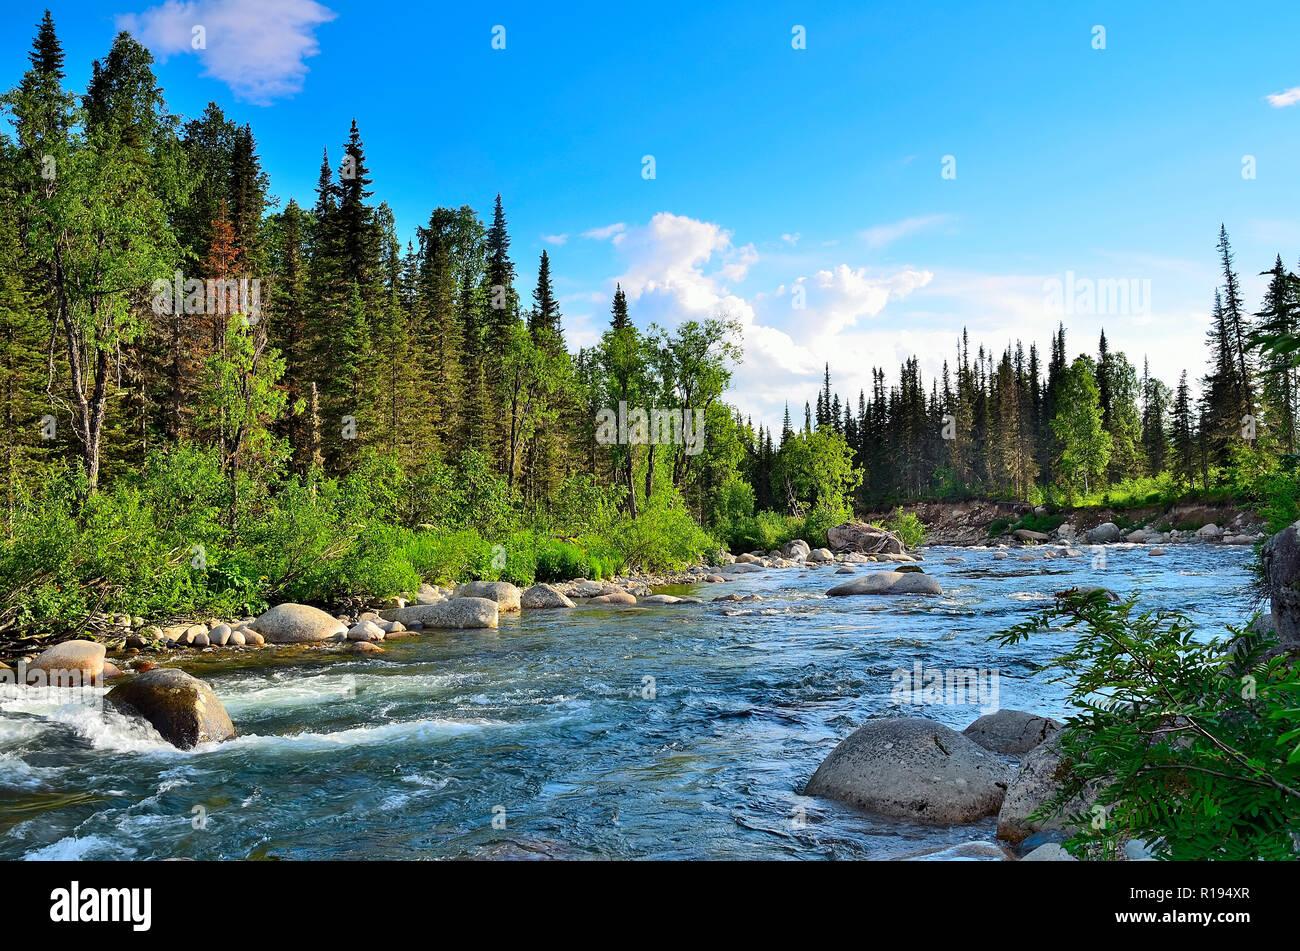 Enormi massi e rapide in che scorre veloce, seething, spruzzi di fiume di  montagna tra le sponde coperto da fitti boschi di conifere a bright  giornata di sole Foto stock - Alamy